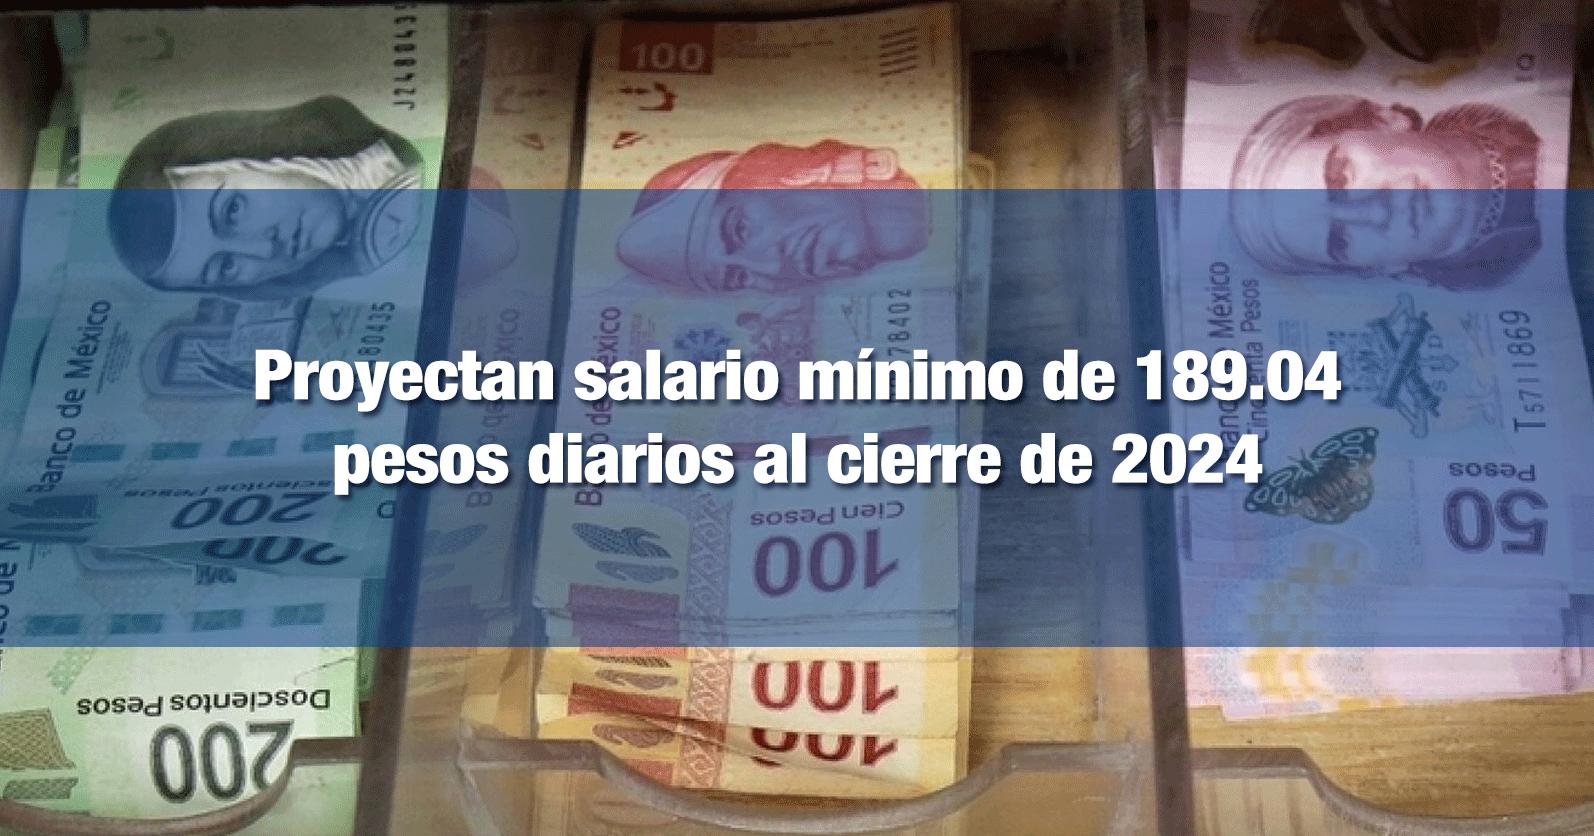 Proyectan salario mínimo de 189.04 pesos diarios al cierre de 2024